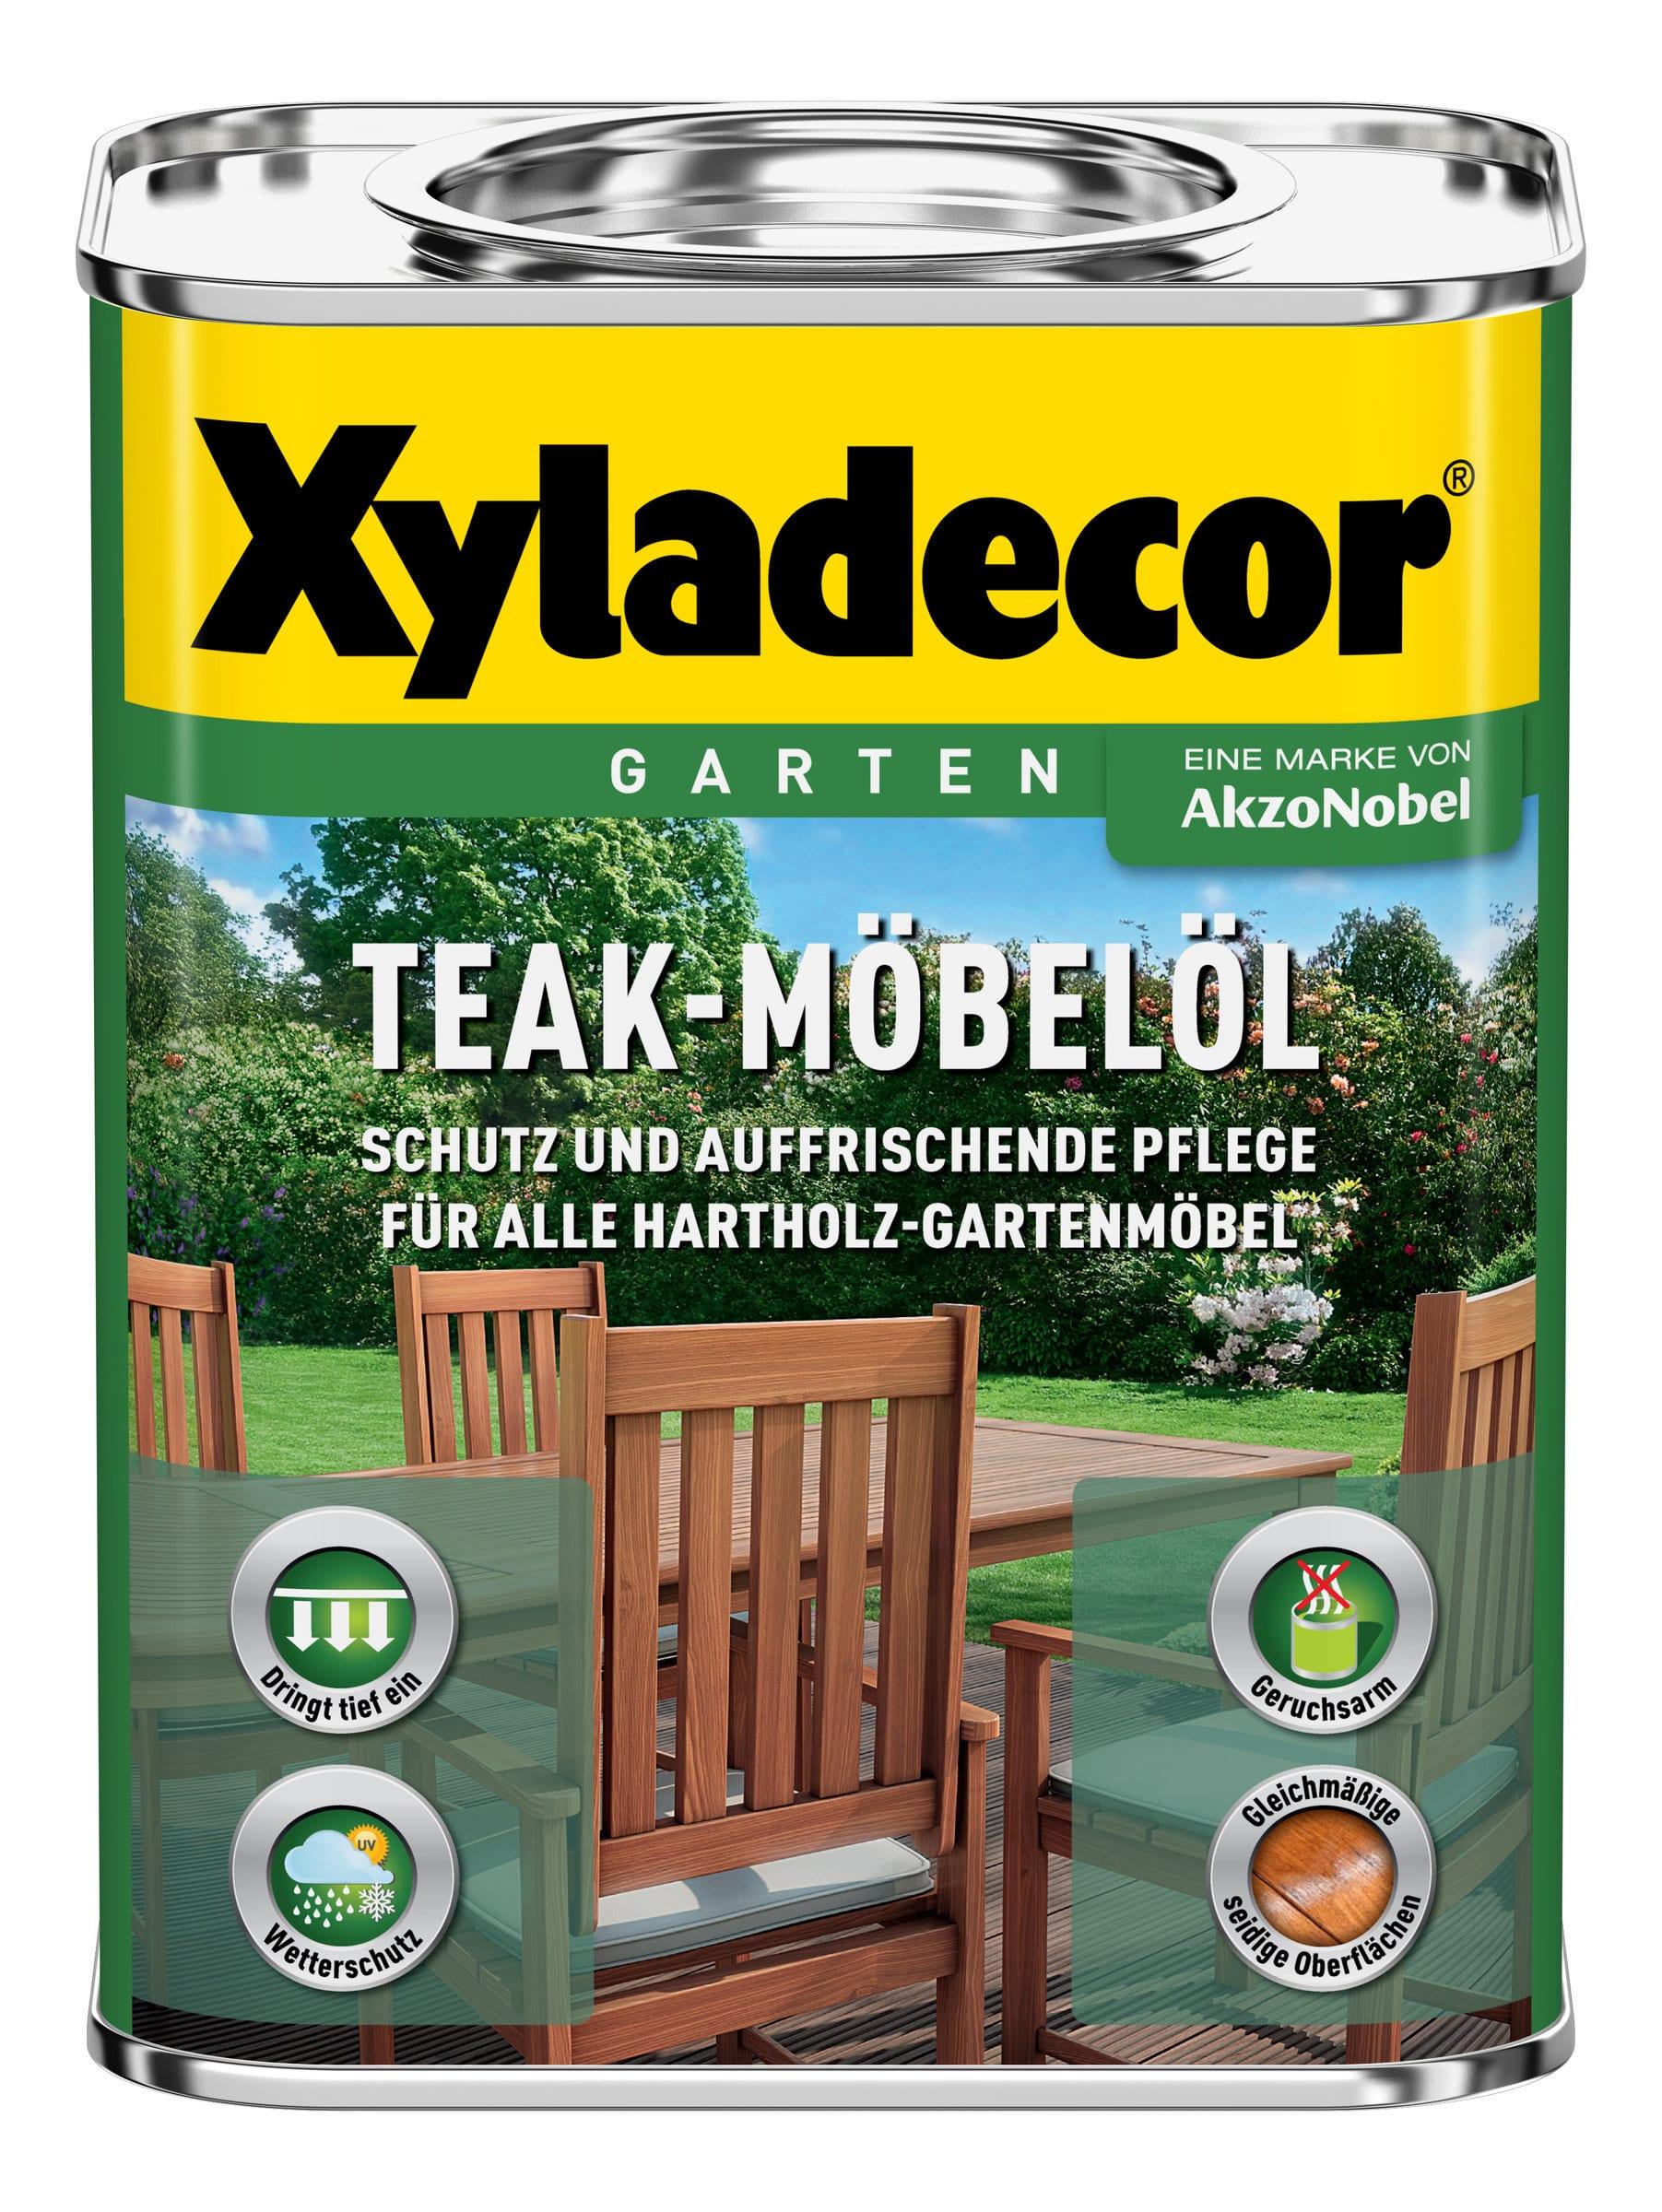 Xyladecor huile pour meubles en teck migros for Migros meubles